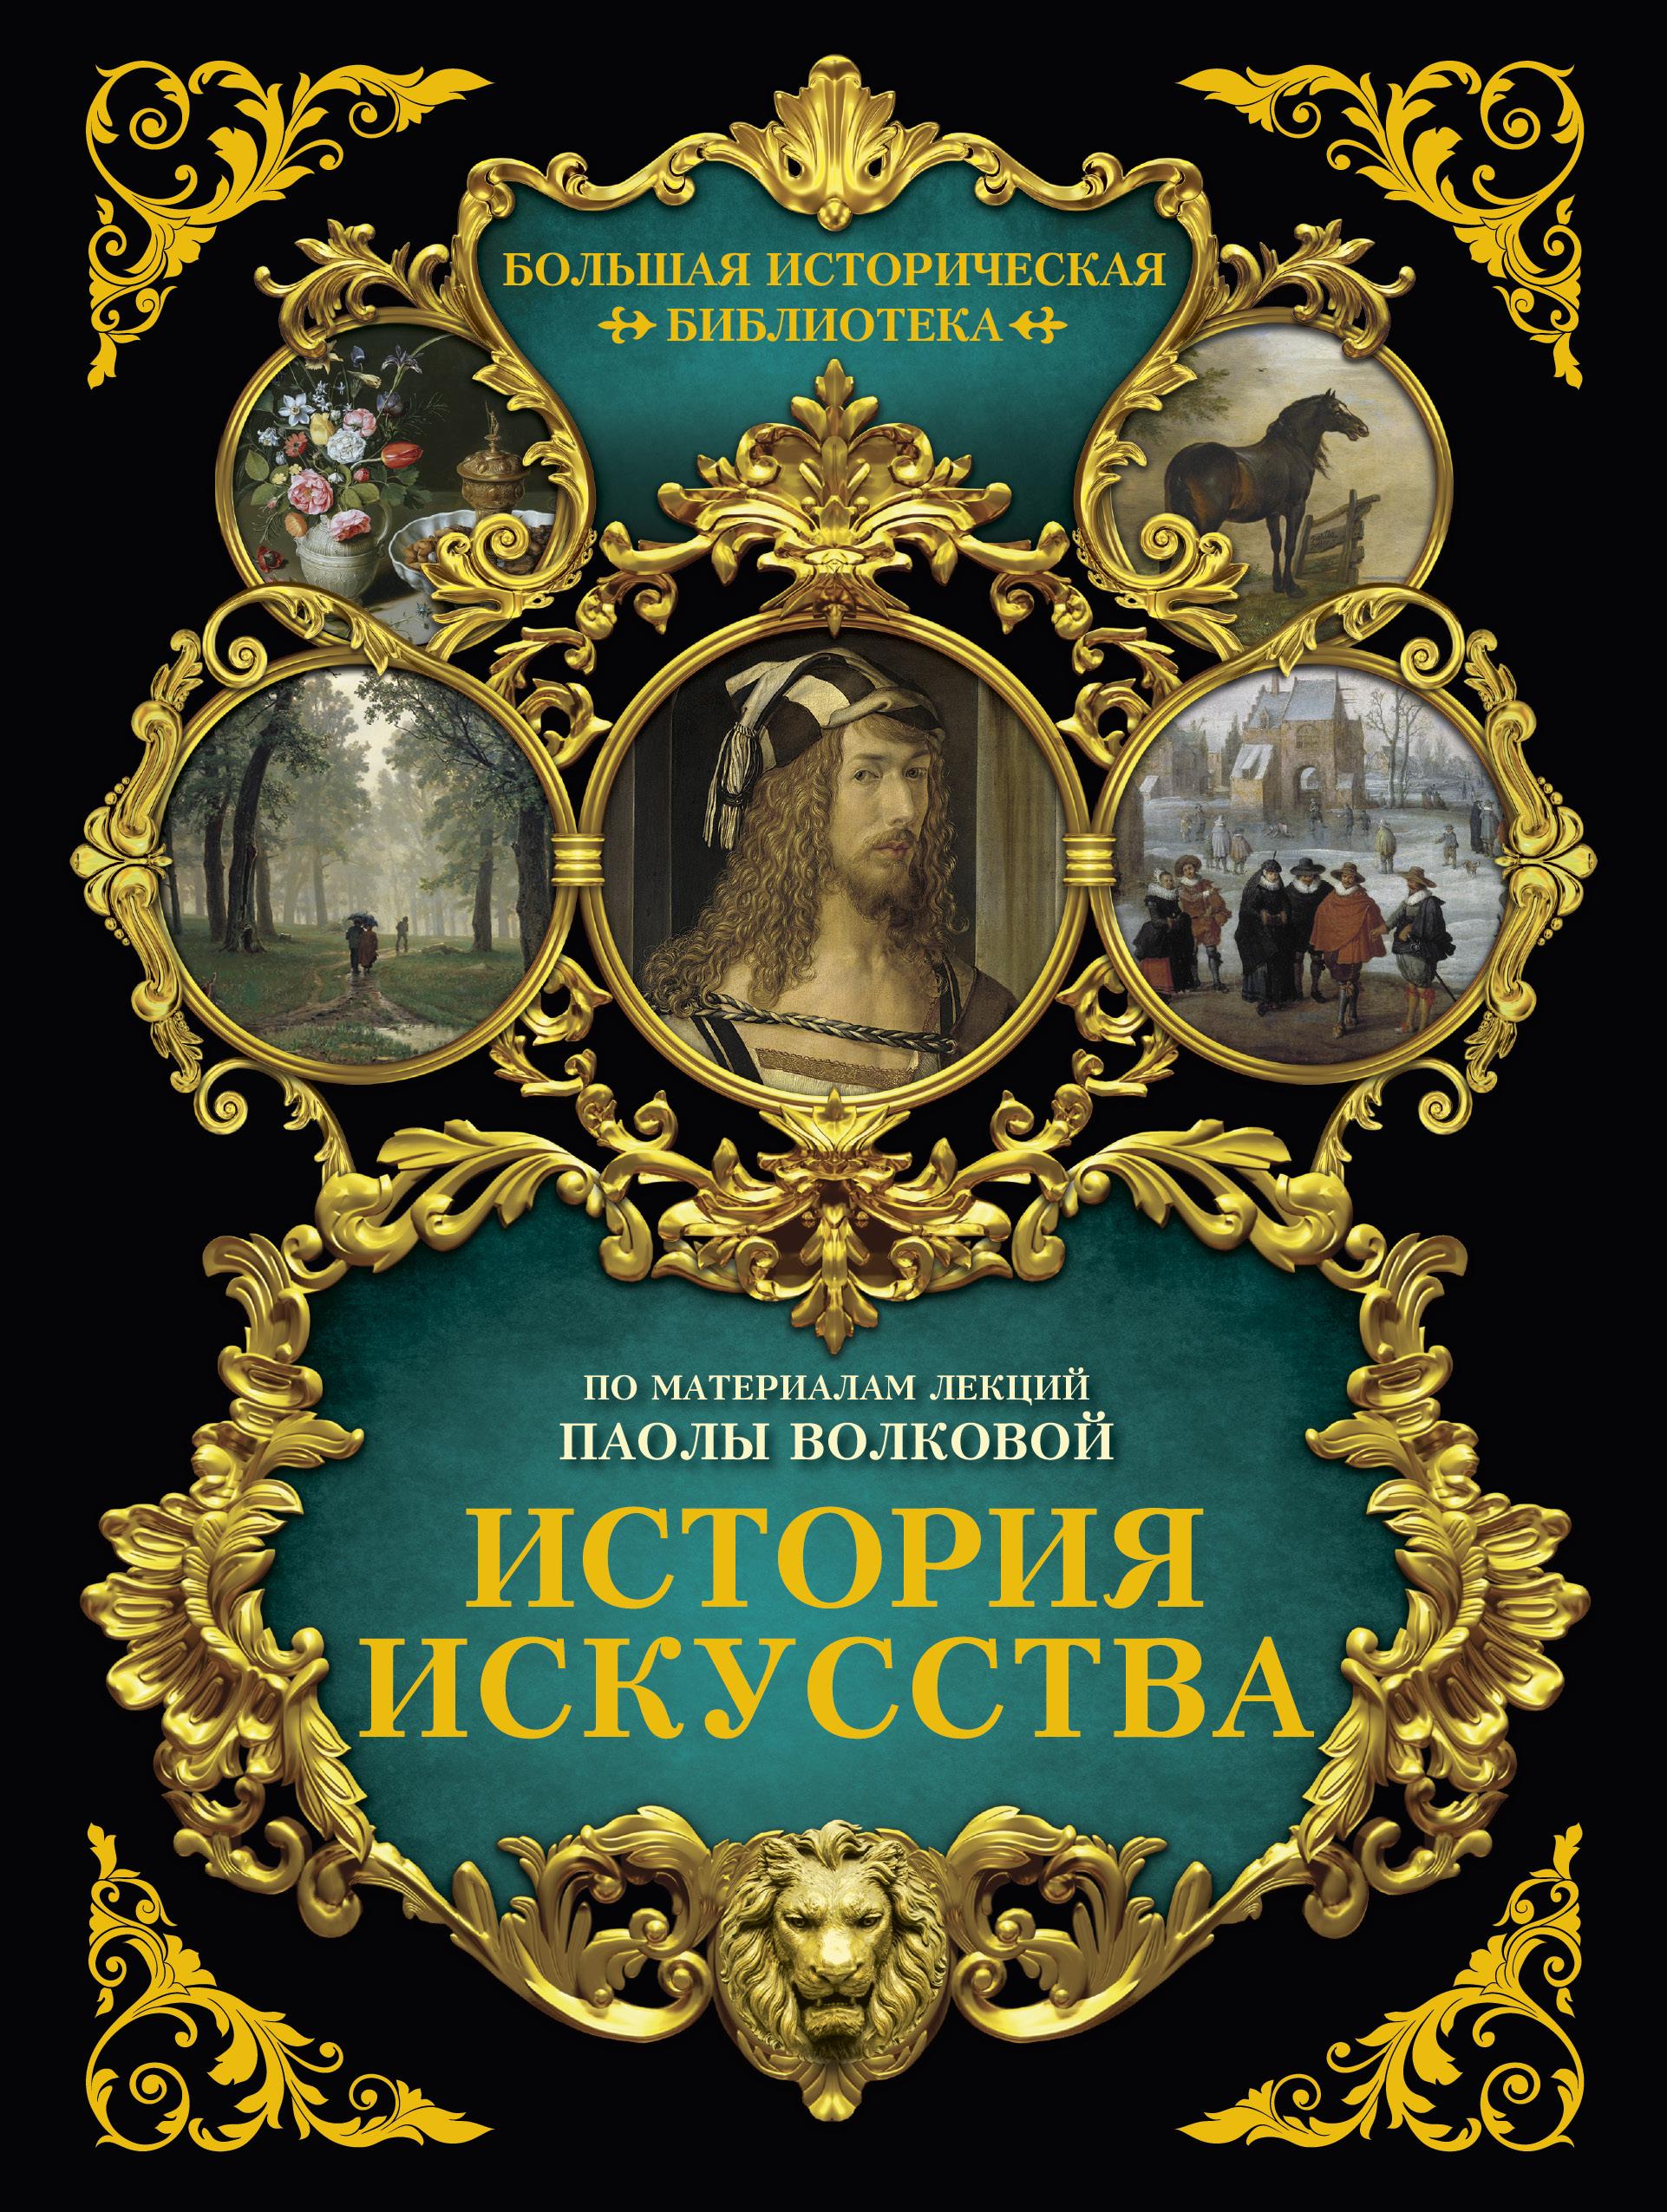 История искусства: иллюстрированный атлас